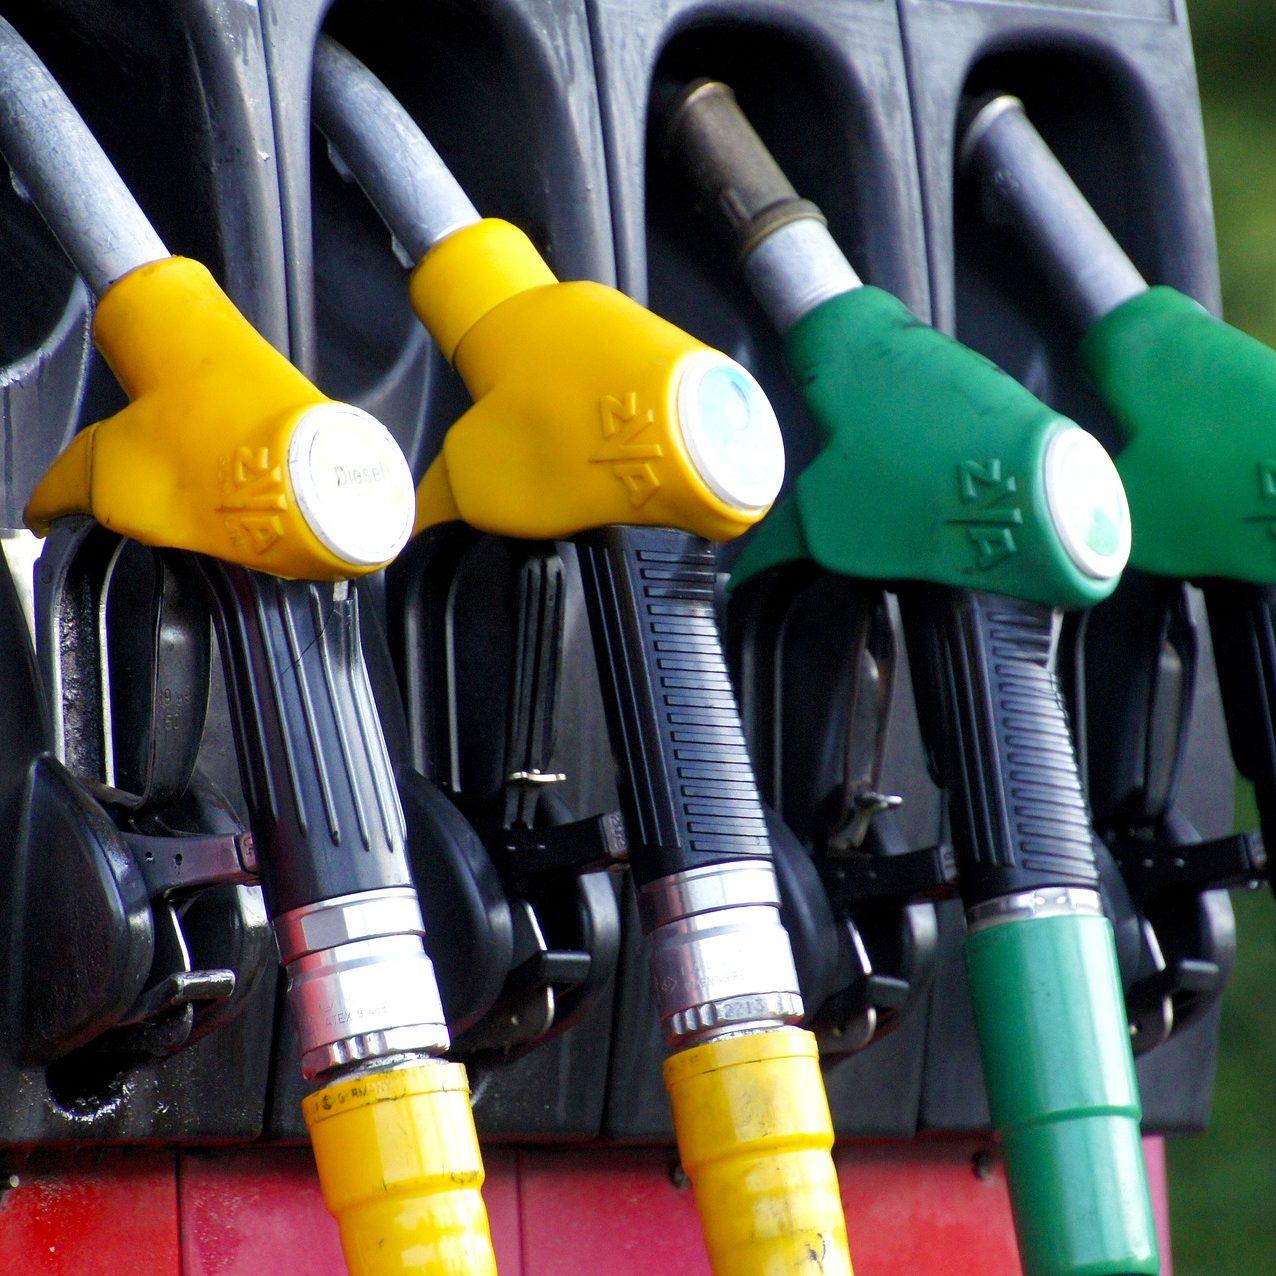 Heutige Einsatzgebiete für Power Fuels – Factsheets zur Anwendung von klimafreundlich erzeugten synthetischen Energieträgern